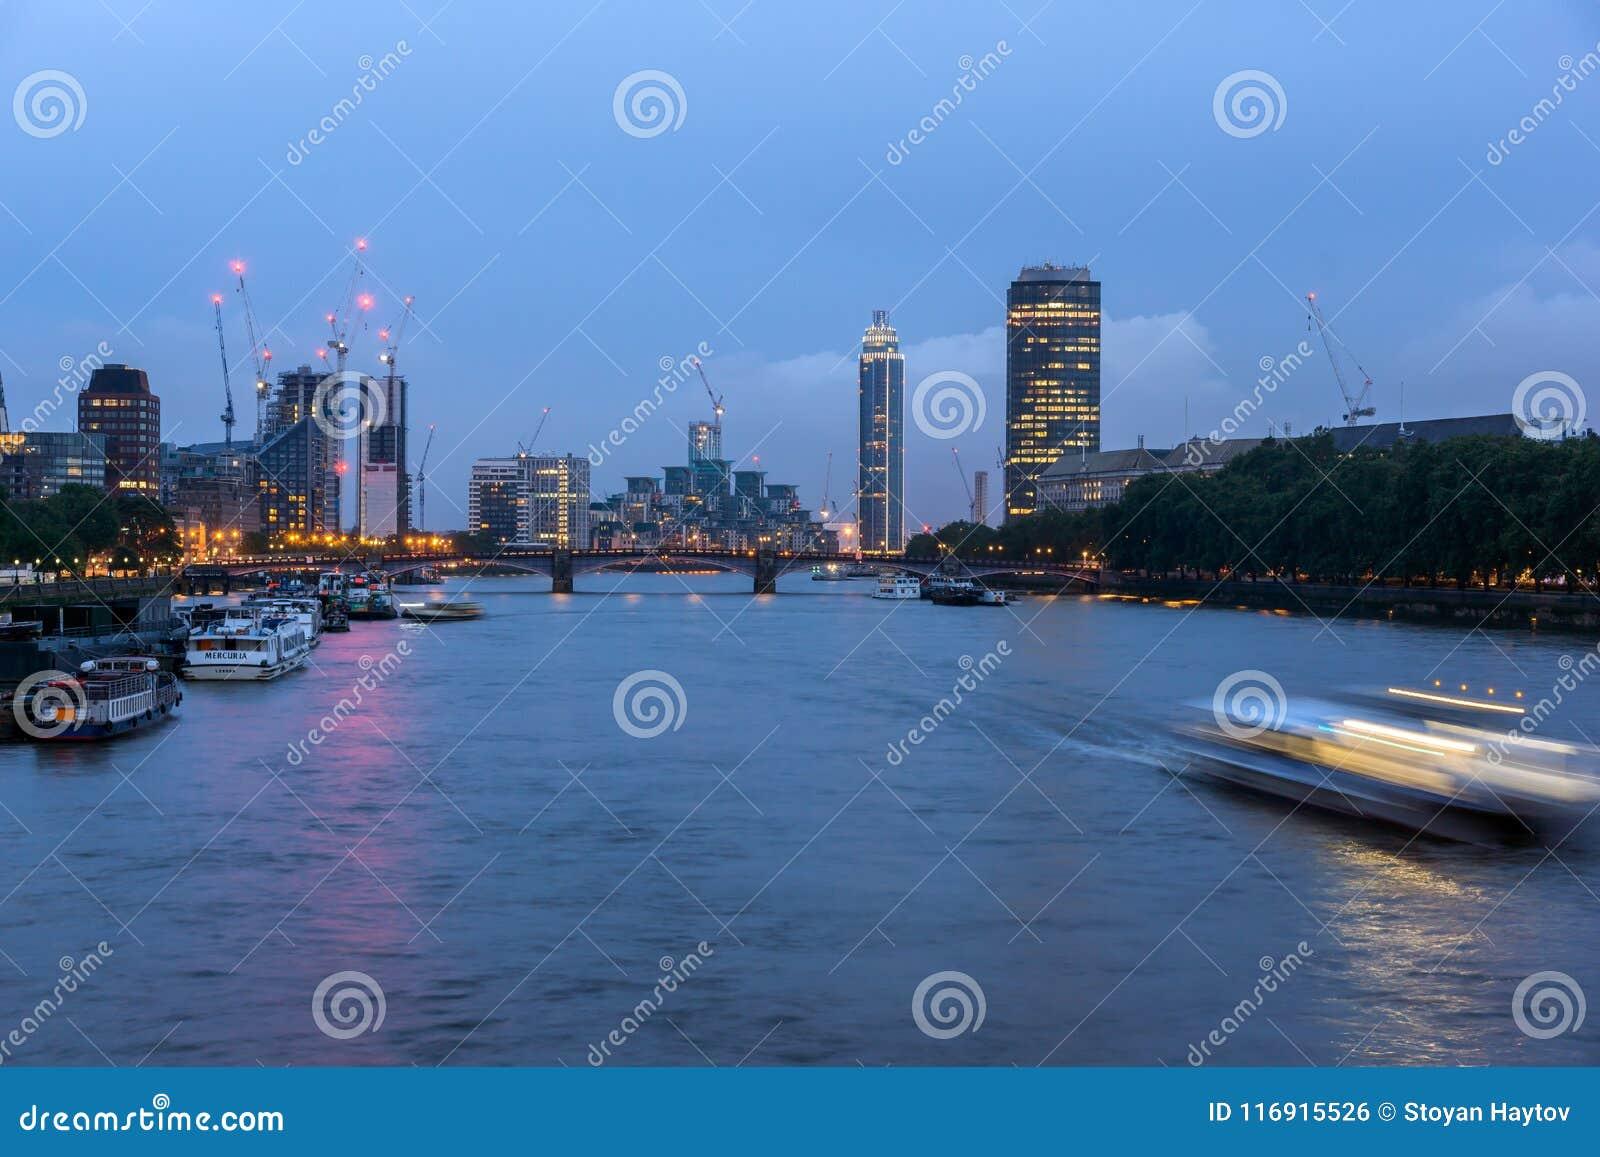 Zadziwiający noc pejzaż miejski miasto Londyn, Anglia, Zjednoczone Królestwo